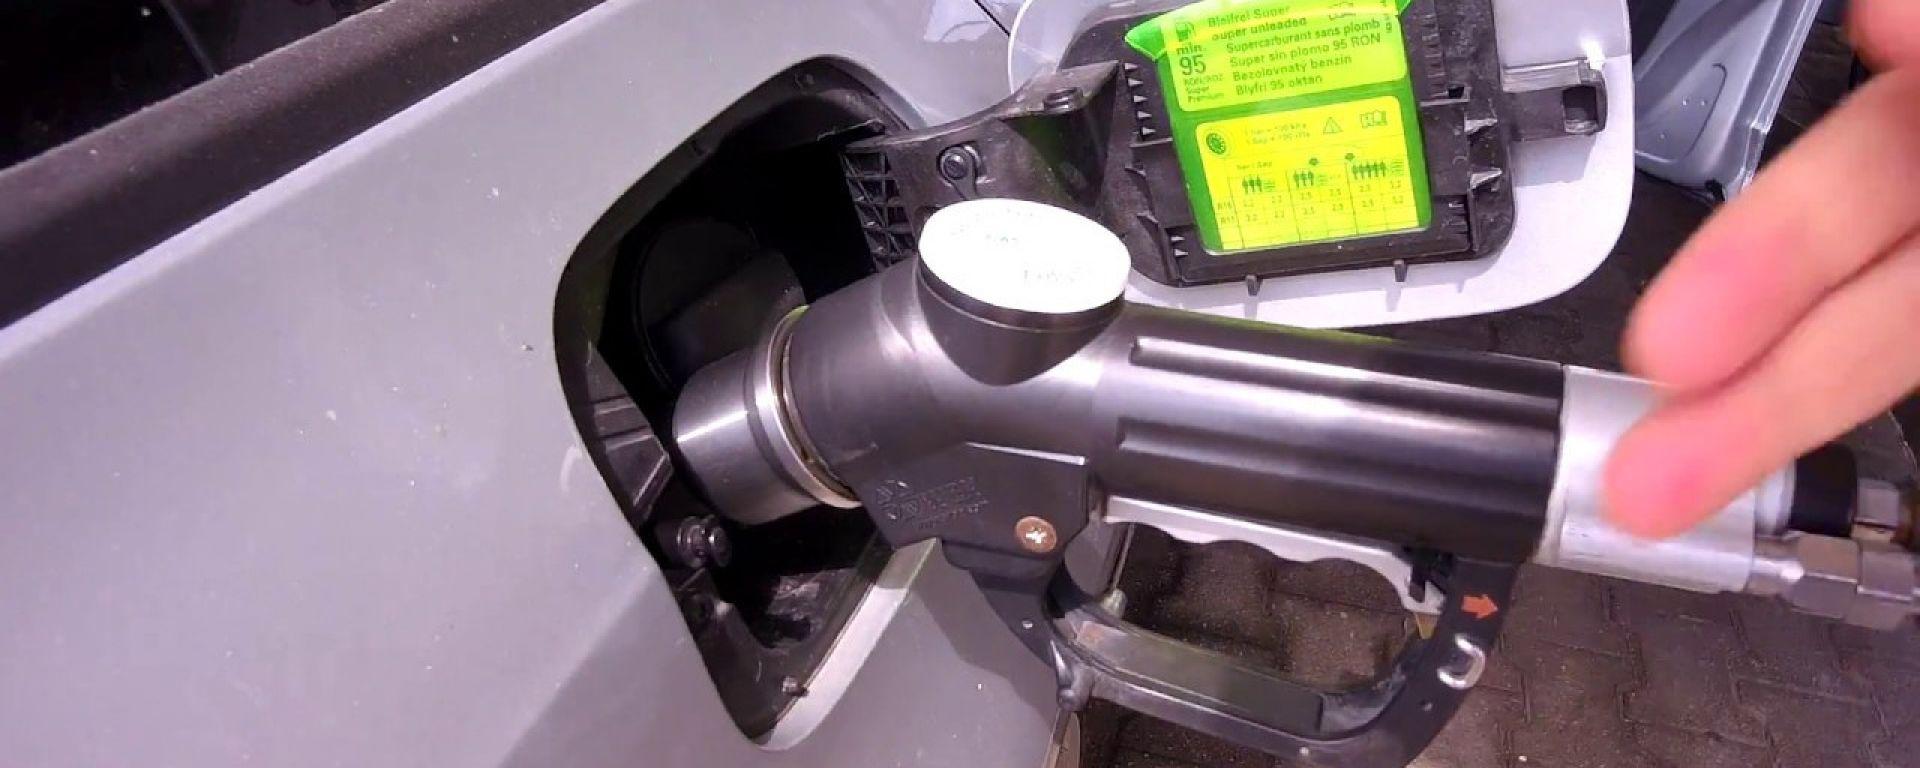 Auto a metano, via libera al rifornimento self service